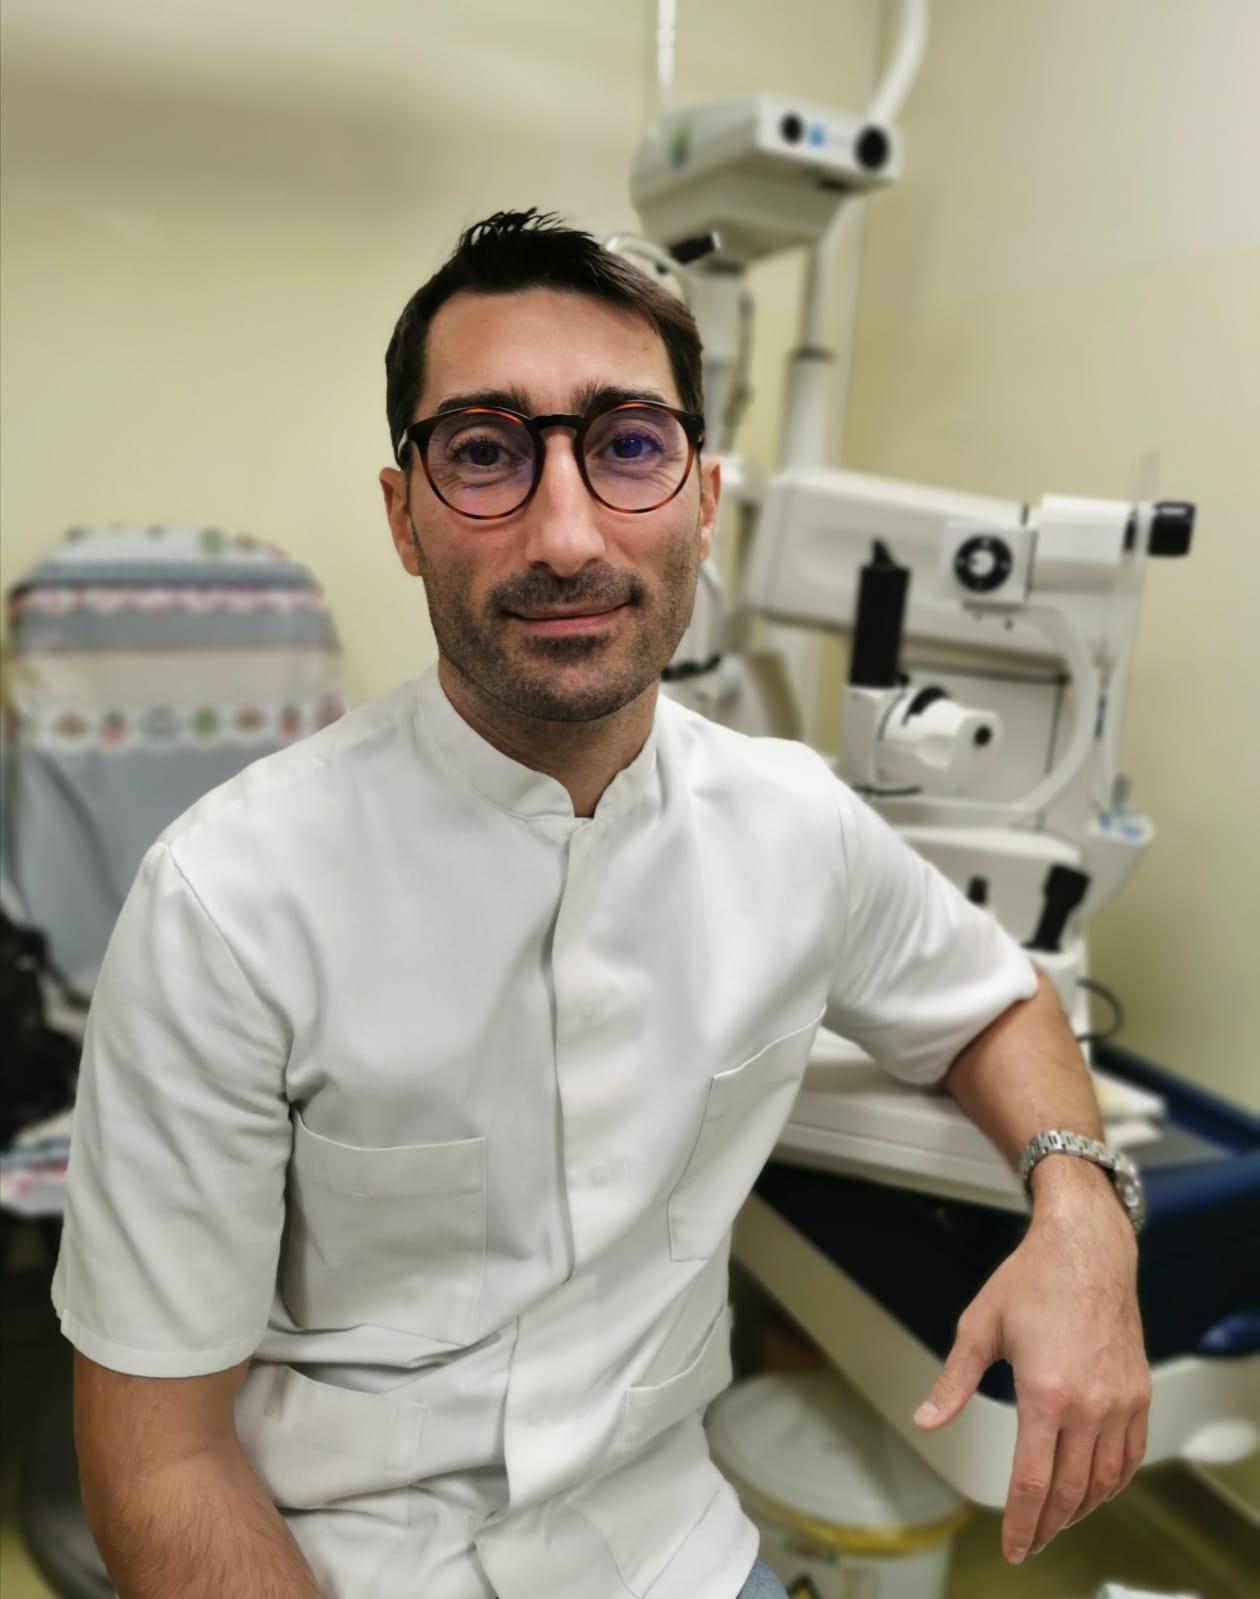 cabinetul oftalmolog pediatru)